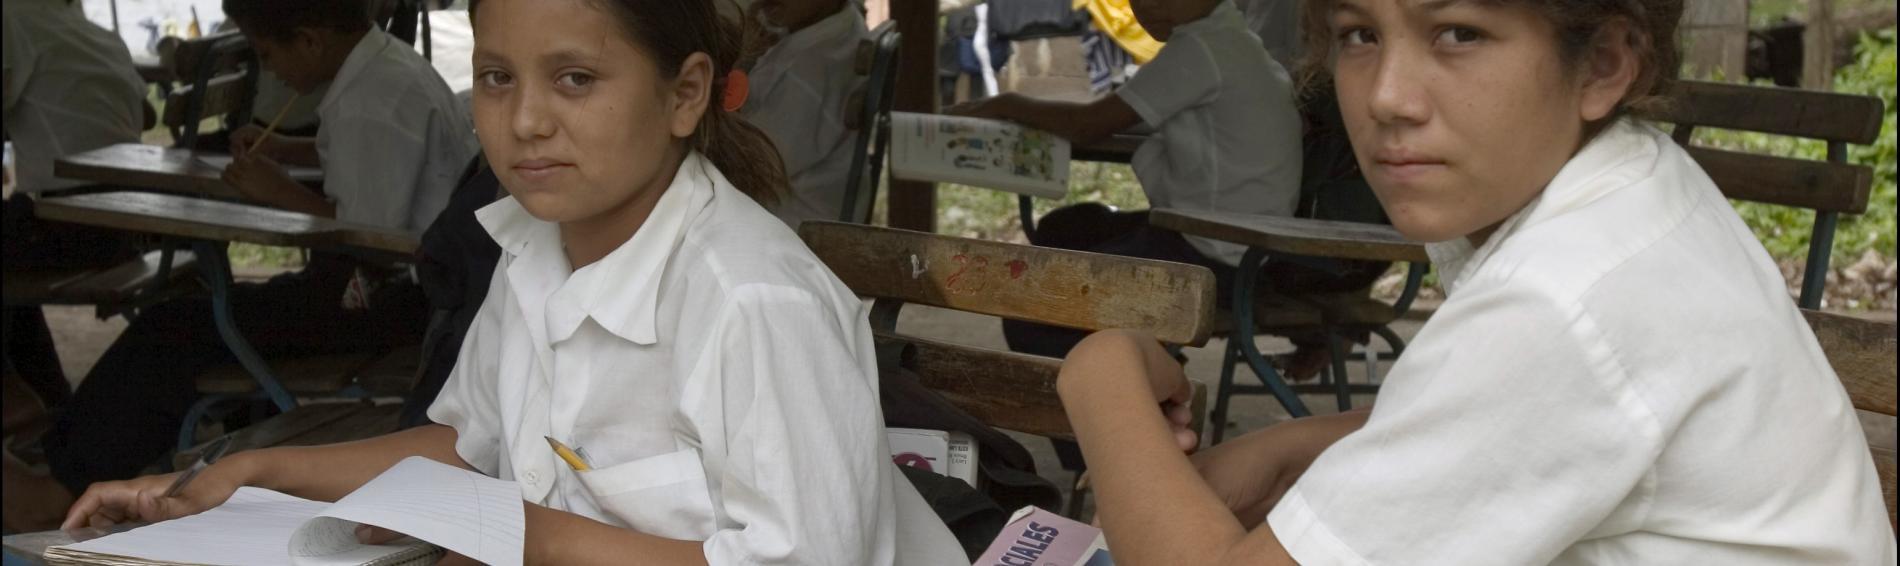 dos niñas en la escuela